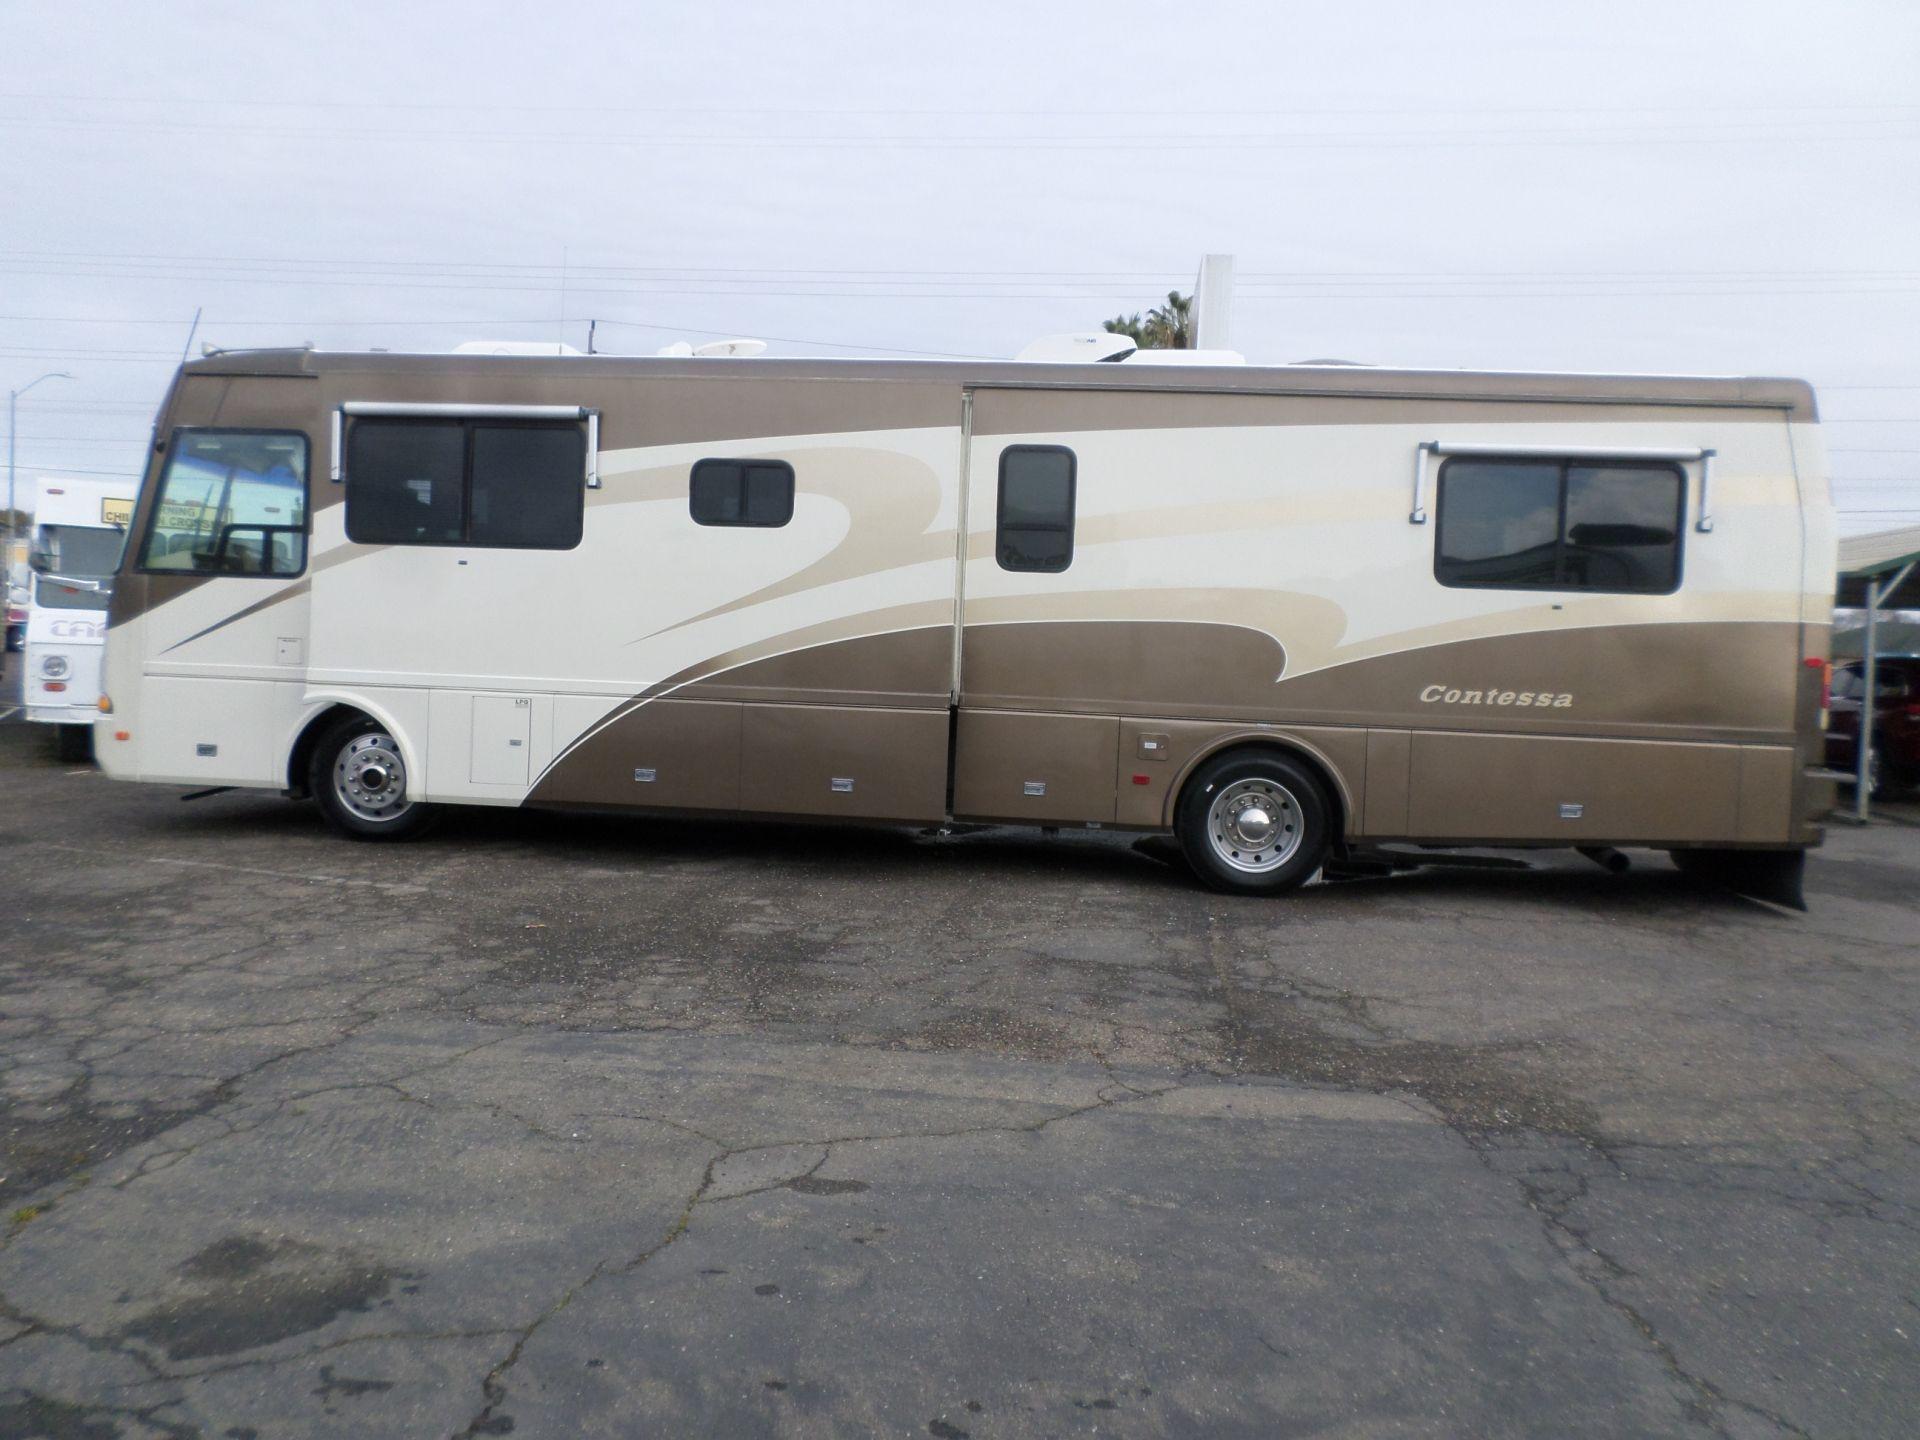 Rv For Sale 2002 Beaver Contessa Class A Diesel Pusher 38 In Lodi Stockton Ca In 2020 Used Trucks For Sale Used Rv For Sale Used Boat For Sale